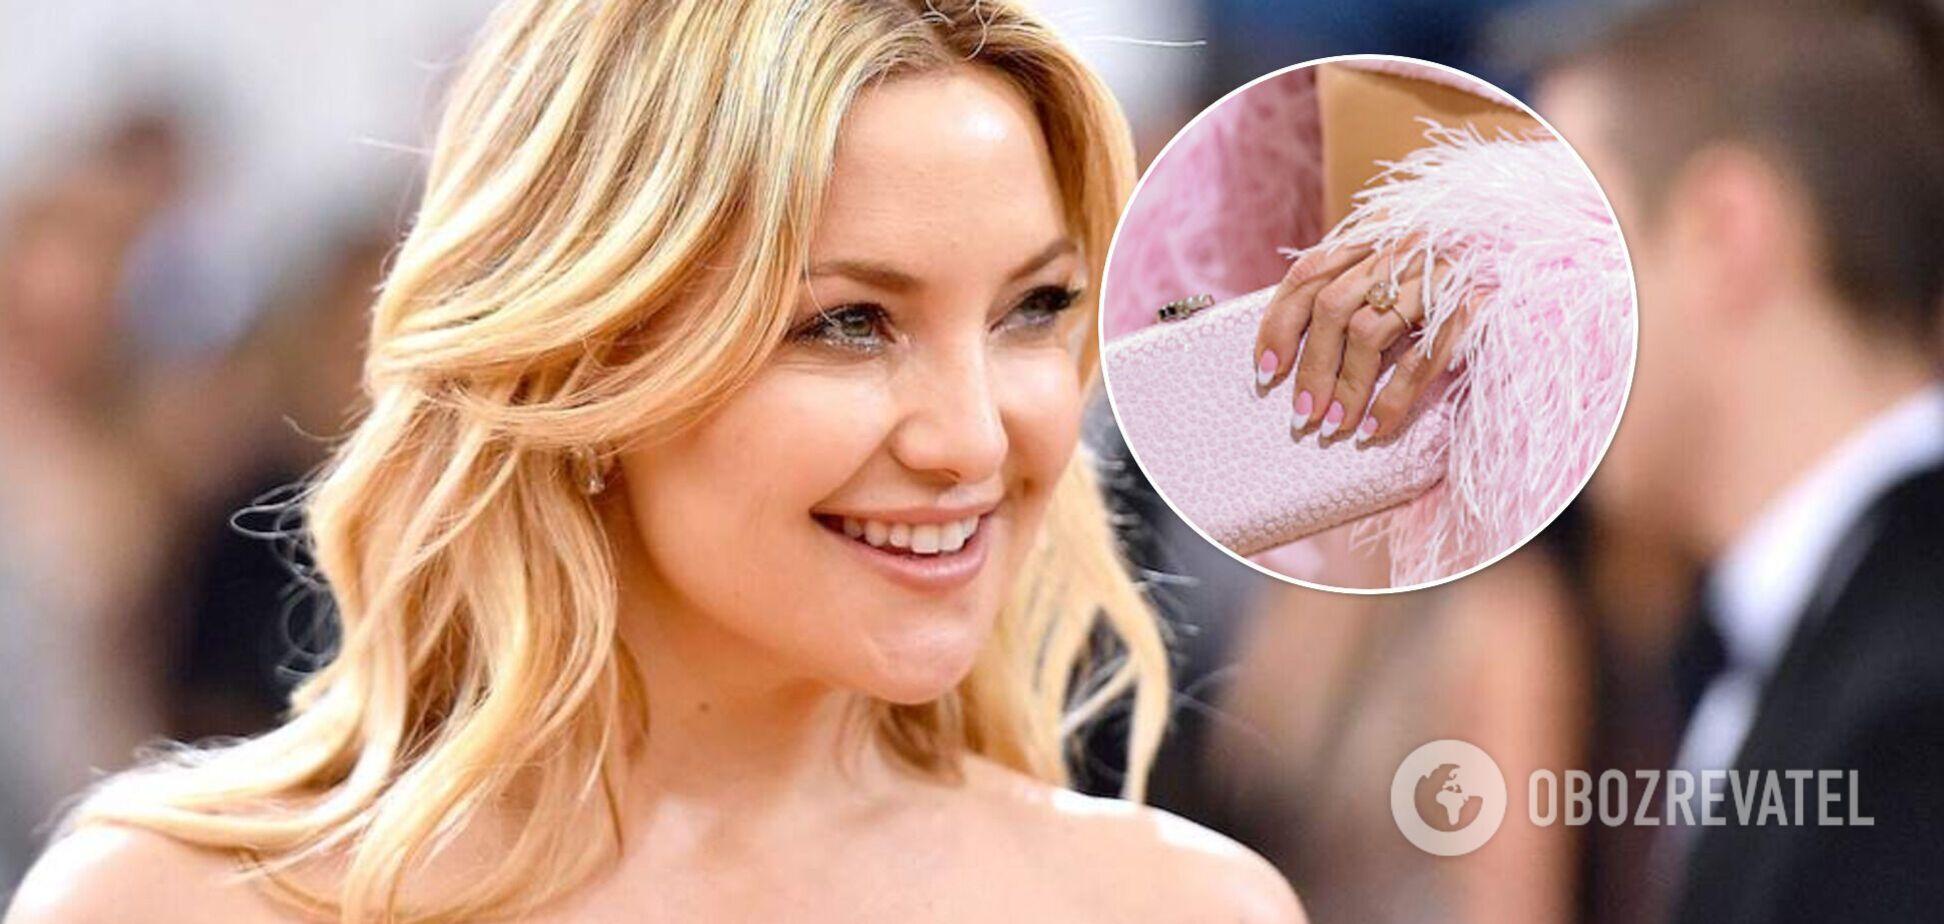 Кейт Хадсон выходит замуж за музыканта: актриса засветила кольцо на Met Gala 2021